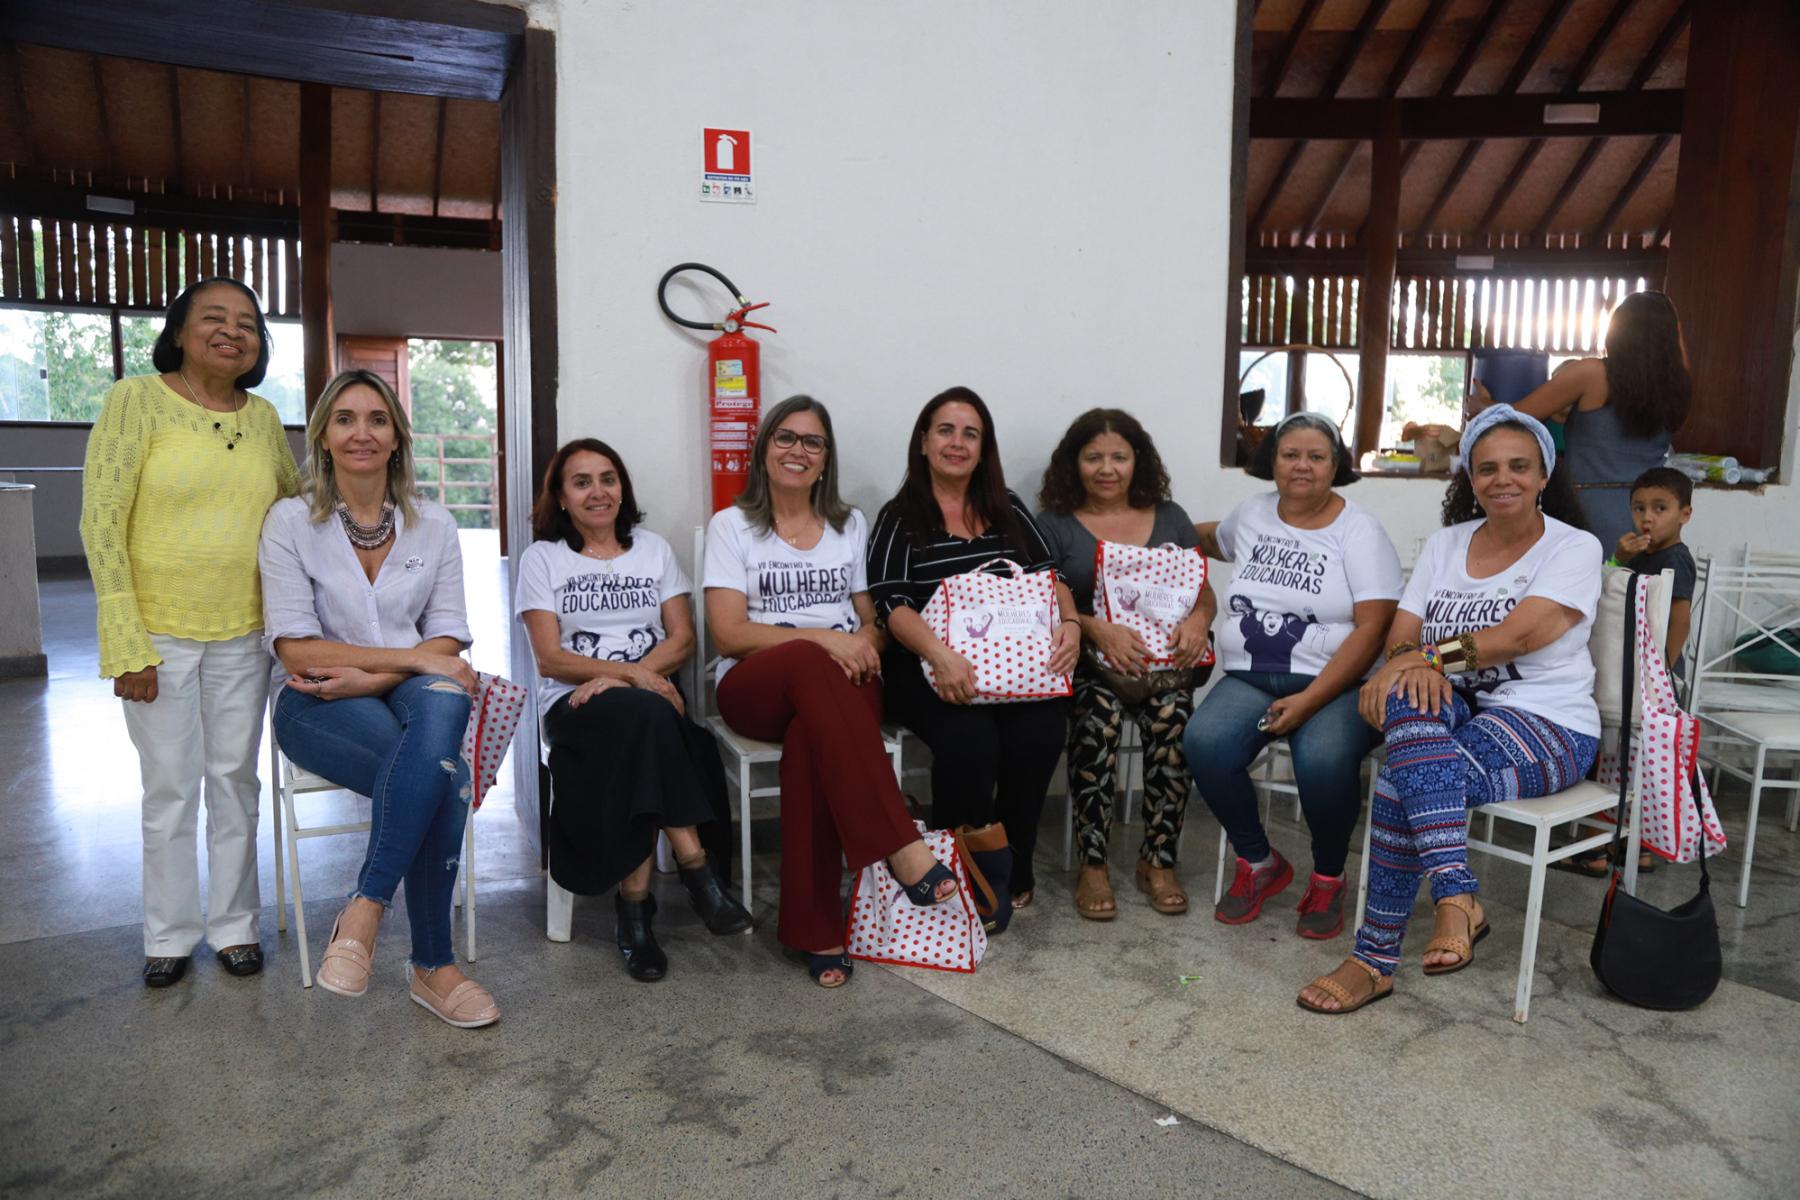 2019.04.27-VII-Encontro-de-Mulheres-Trabalhadoras_fotos-ECOM-161